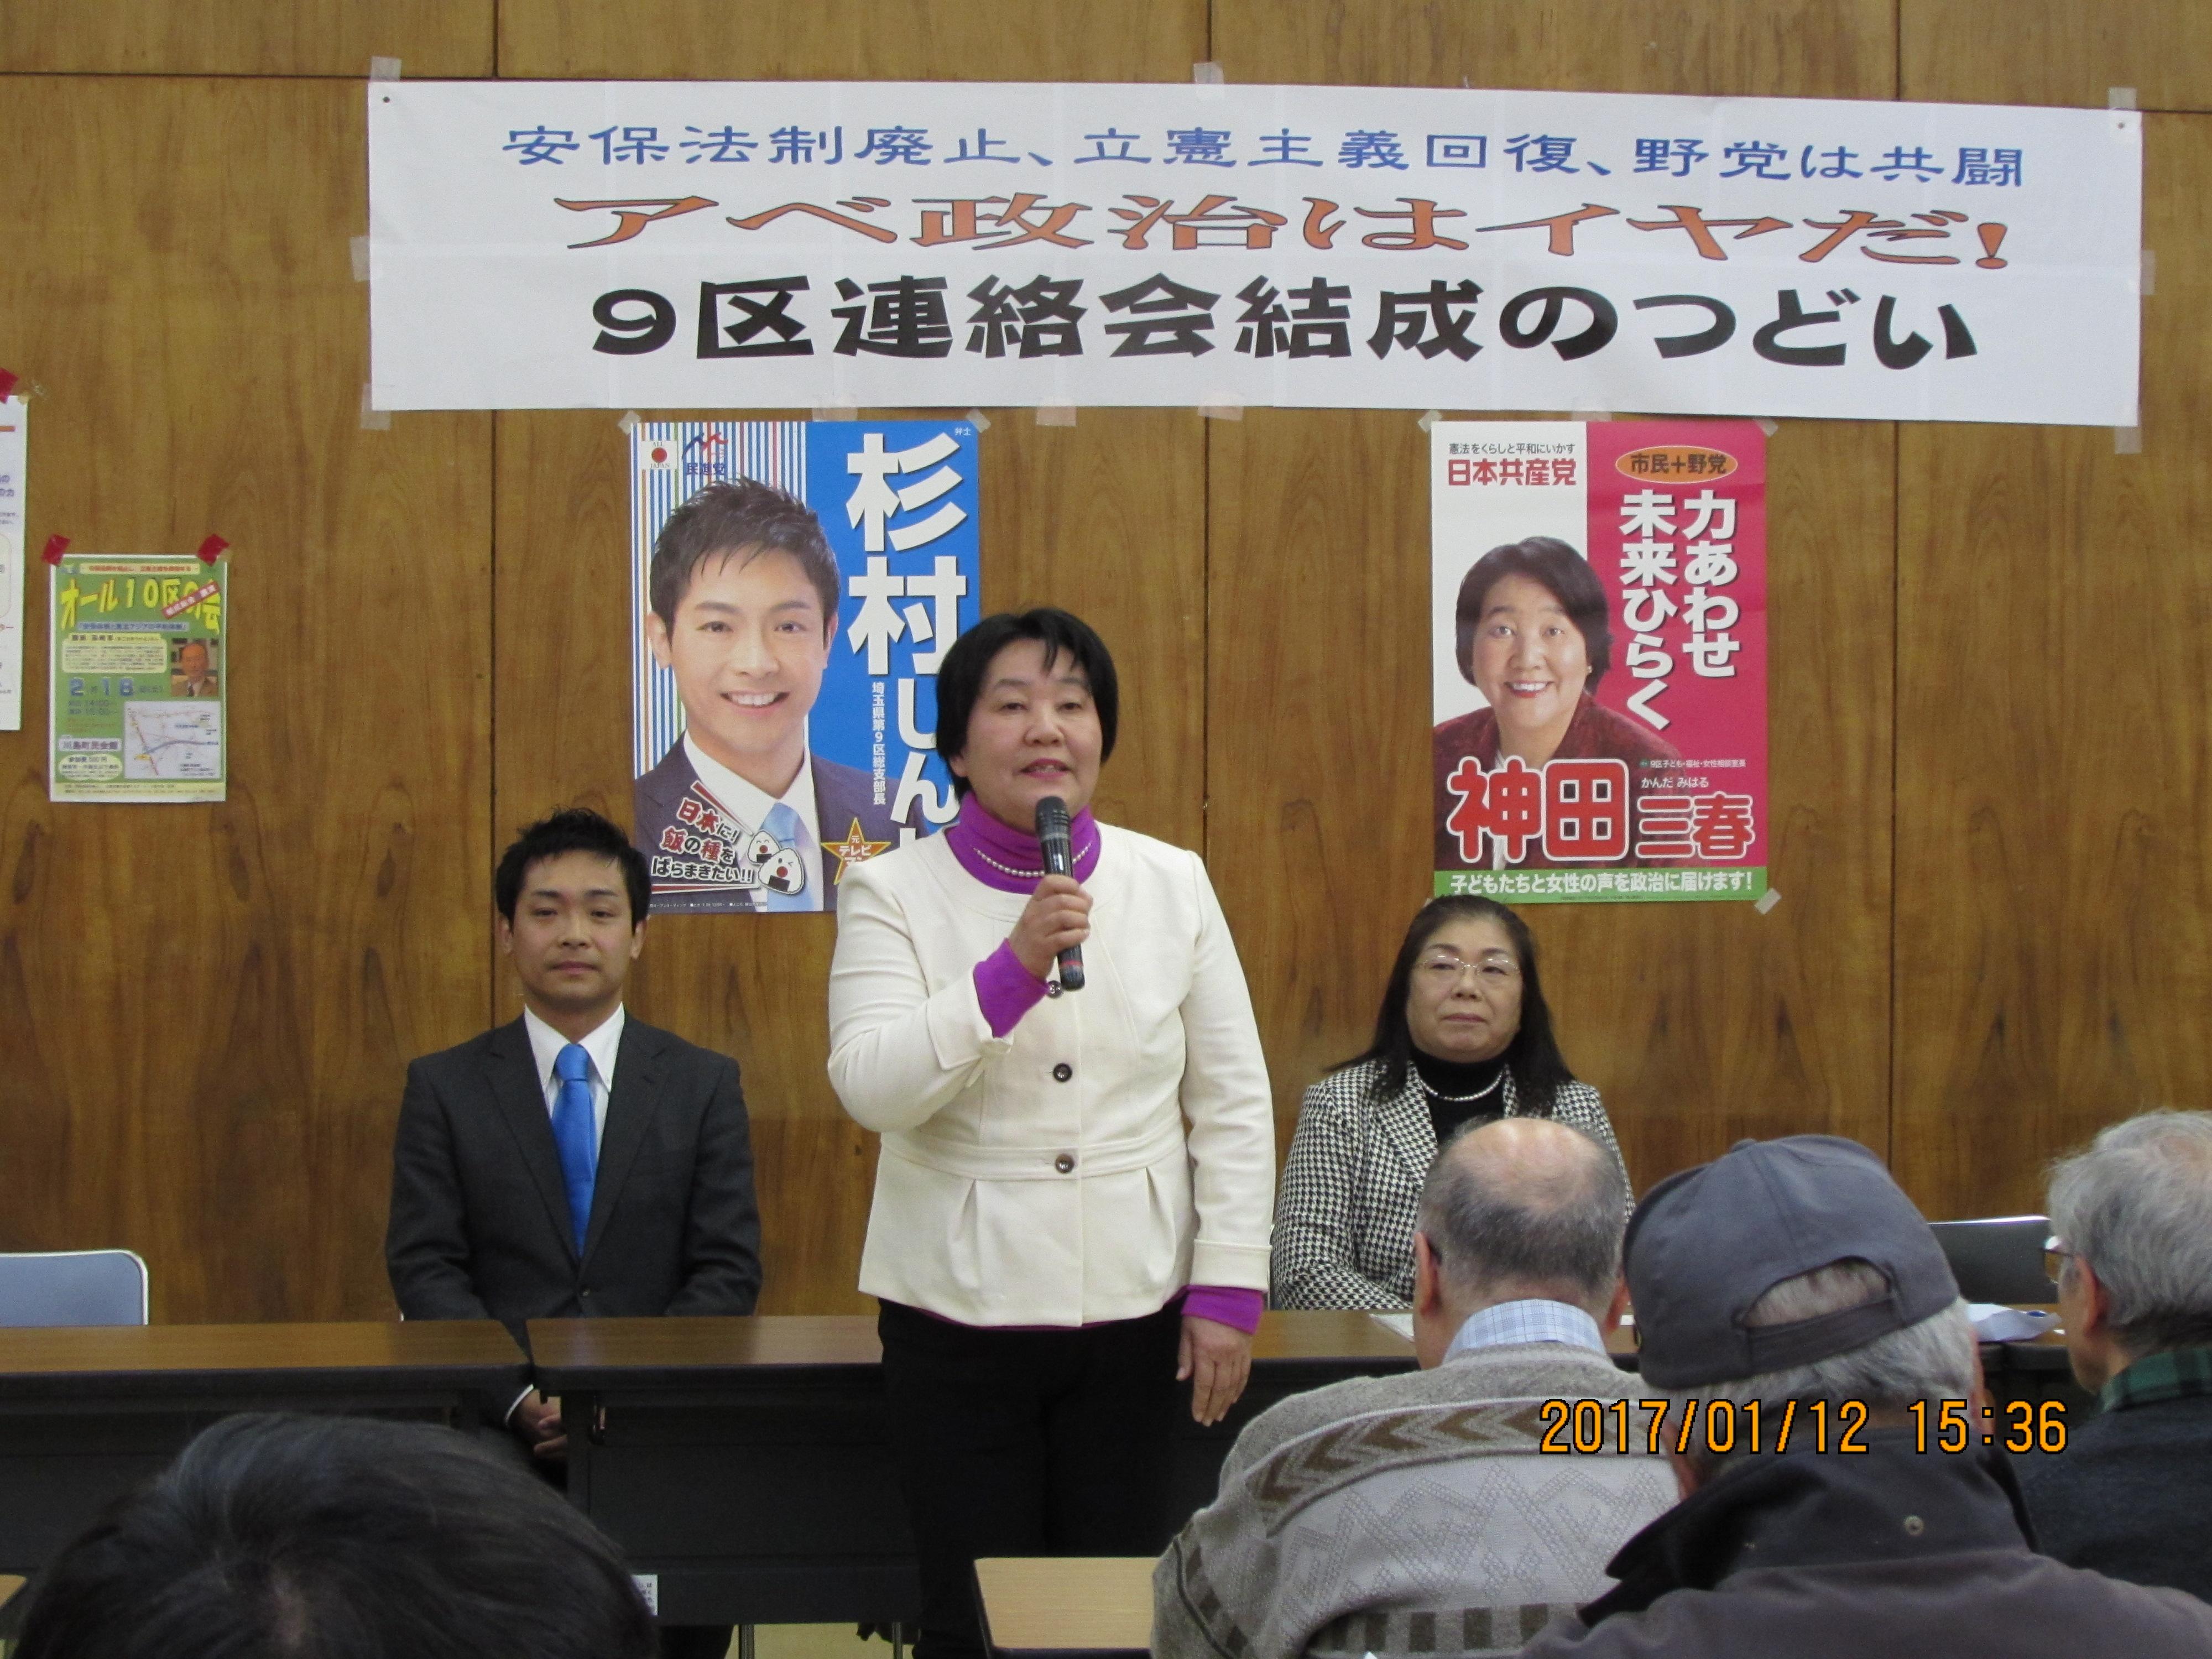 「9区連絡会結成の集い」で挨拶する神田三春さん(中央)。その左が杉村さん、右は平井さん。